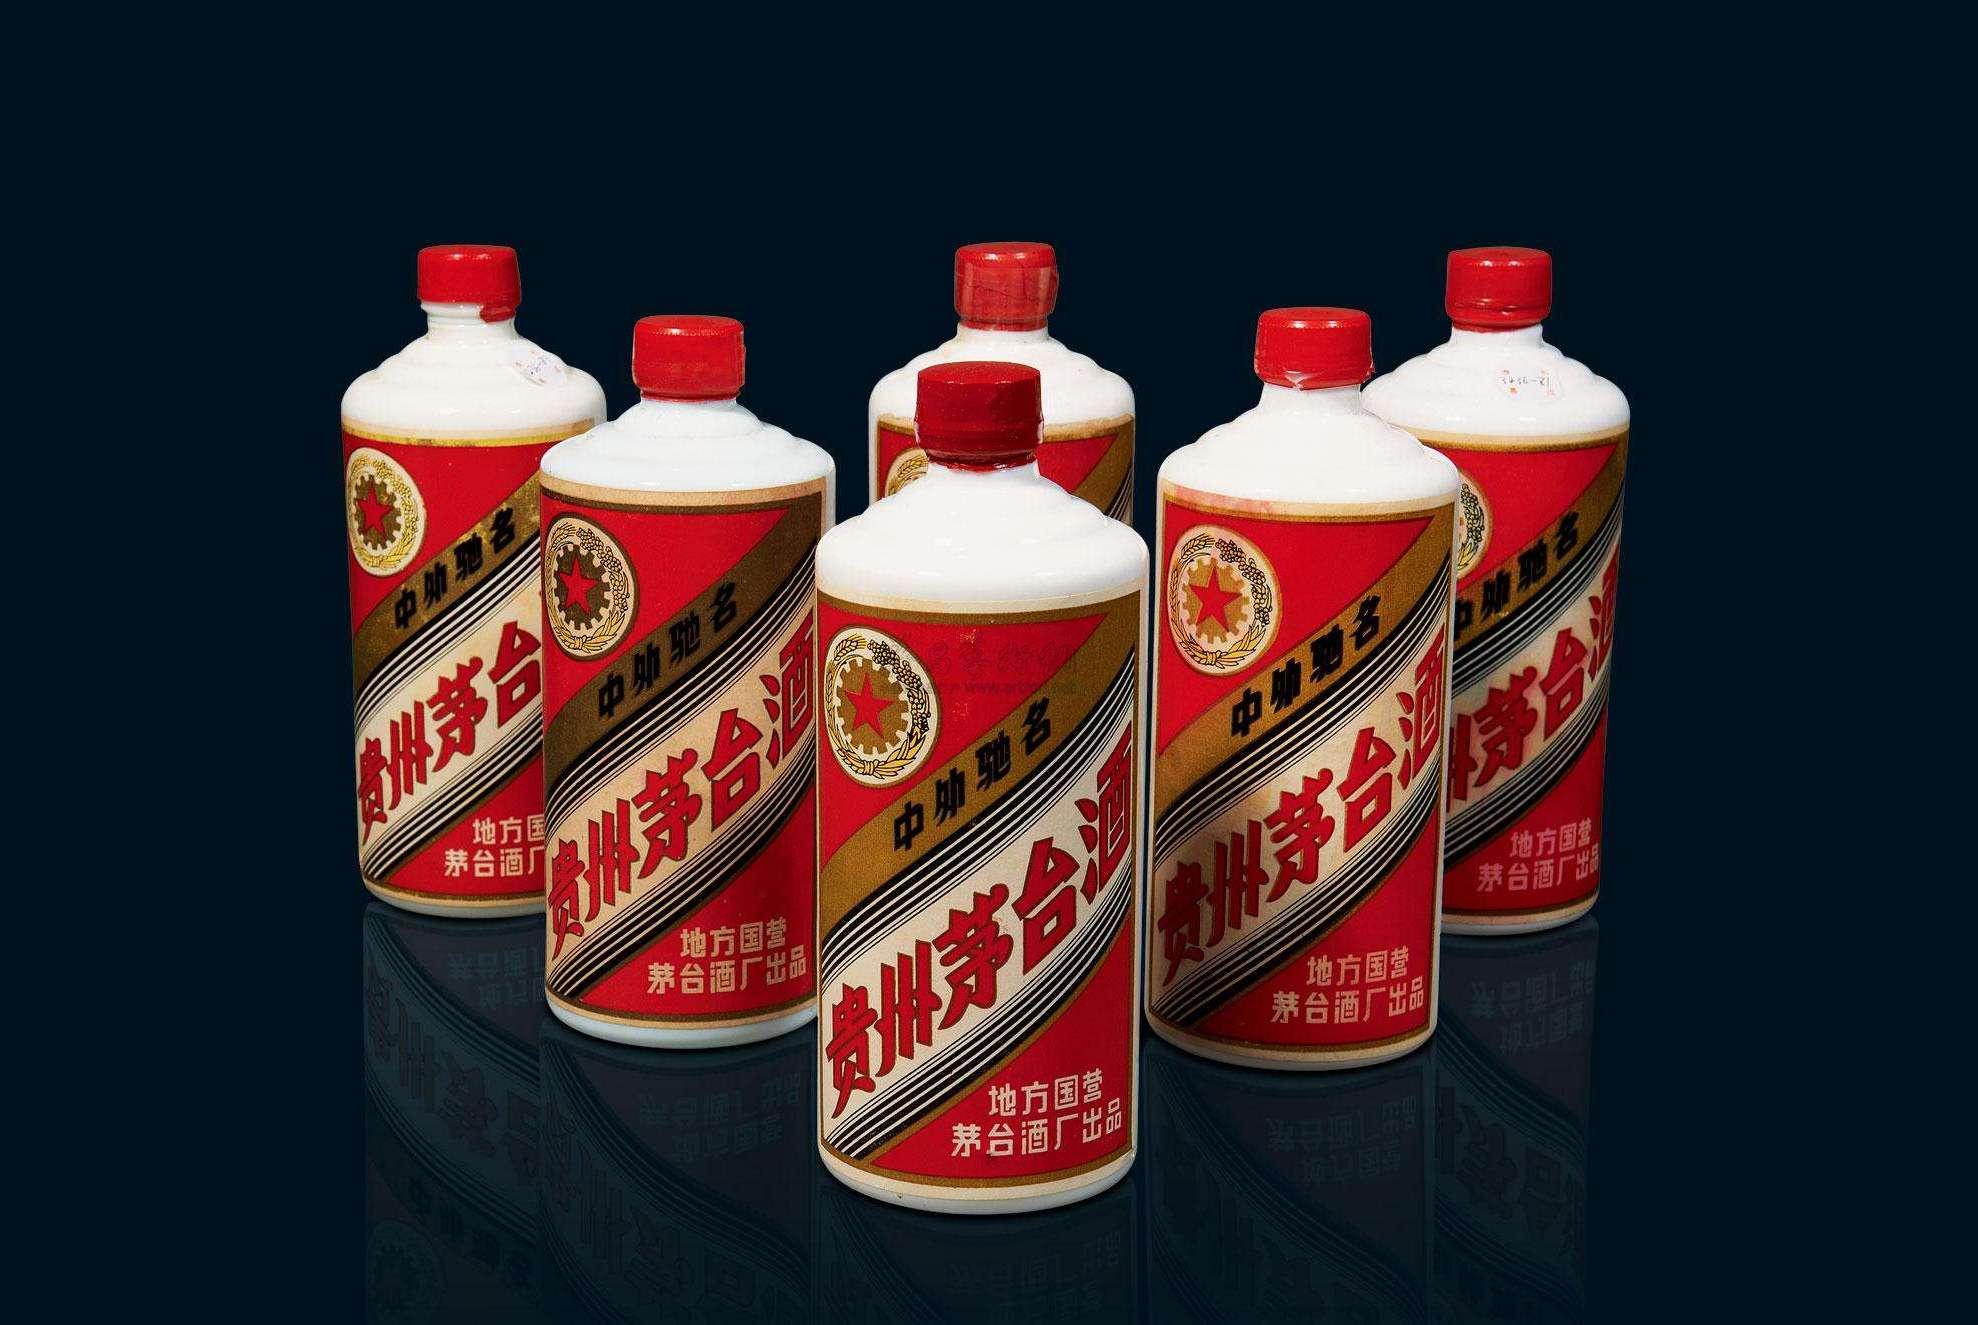 你喝的是真茅台吗?茅台年产量只有6000多万瓶,还要让外国人喝